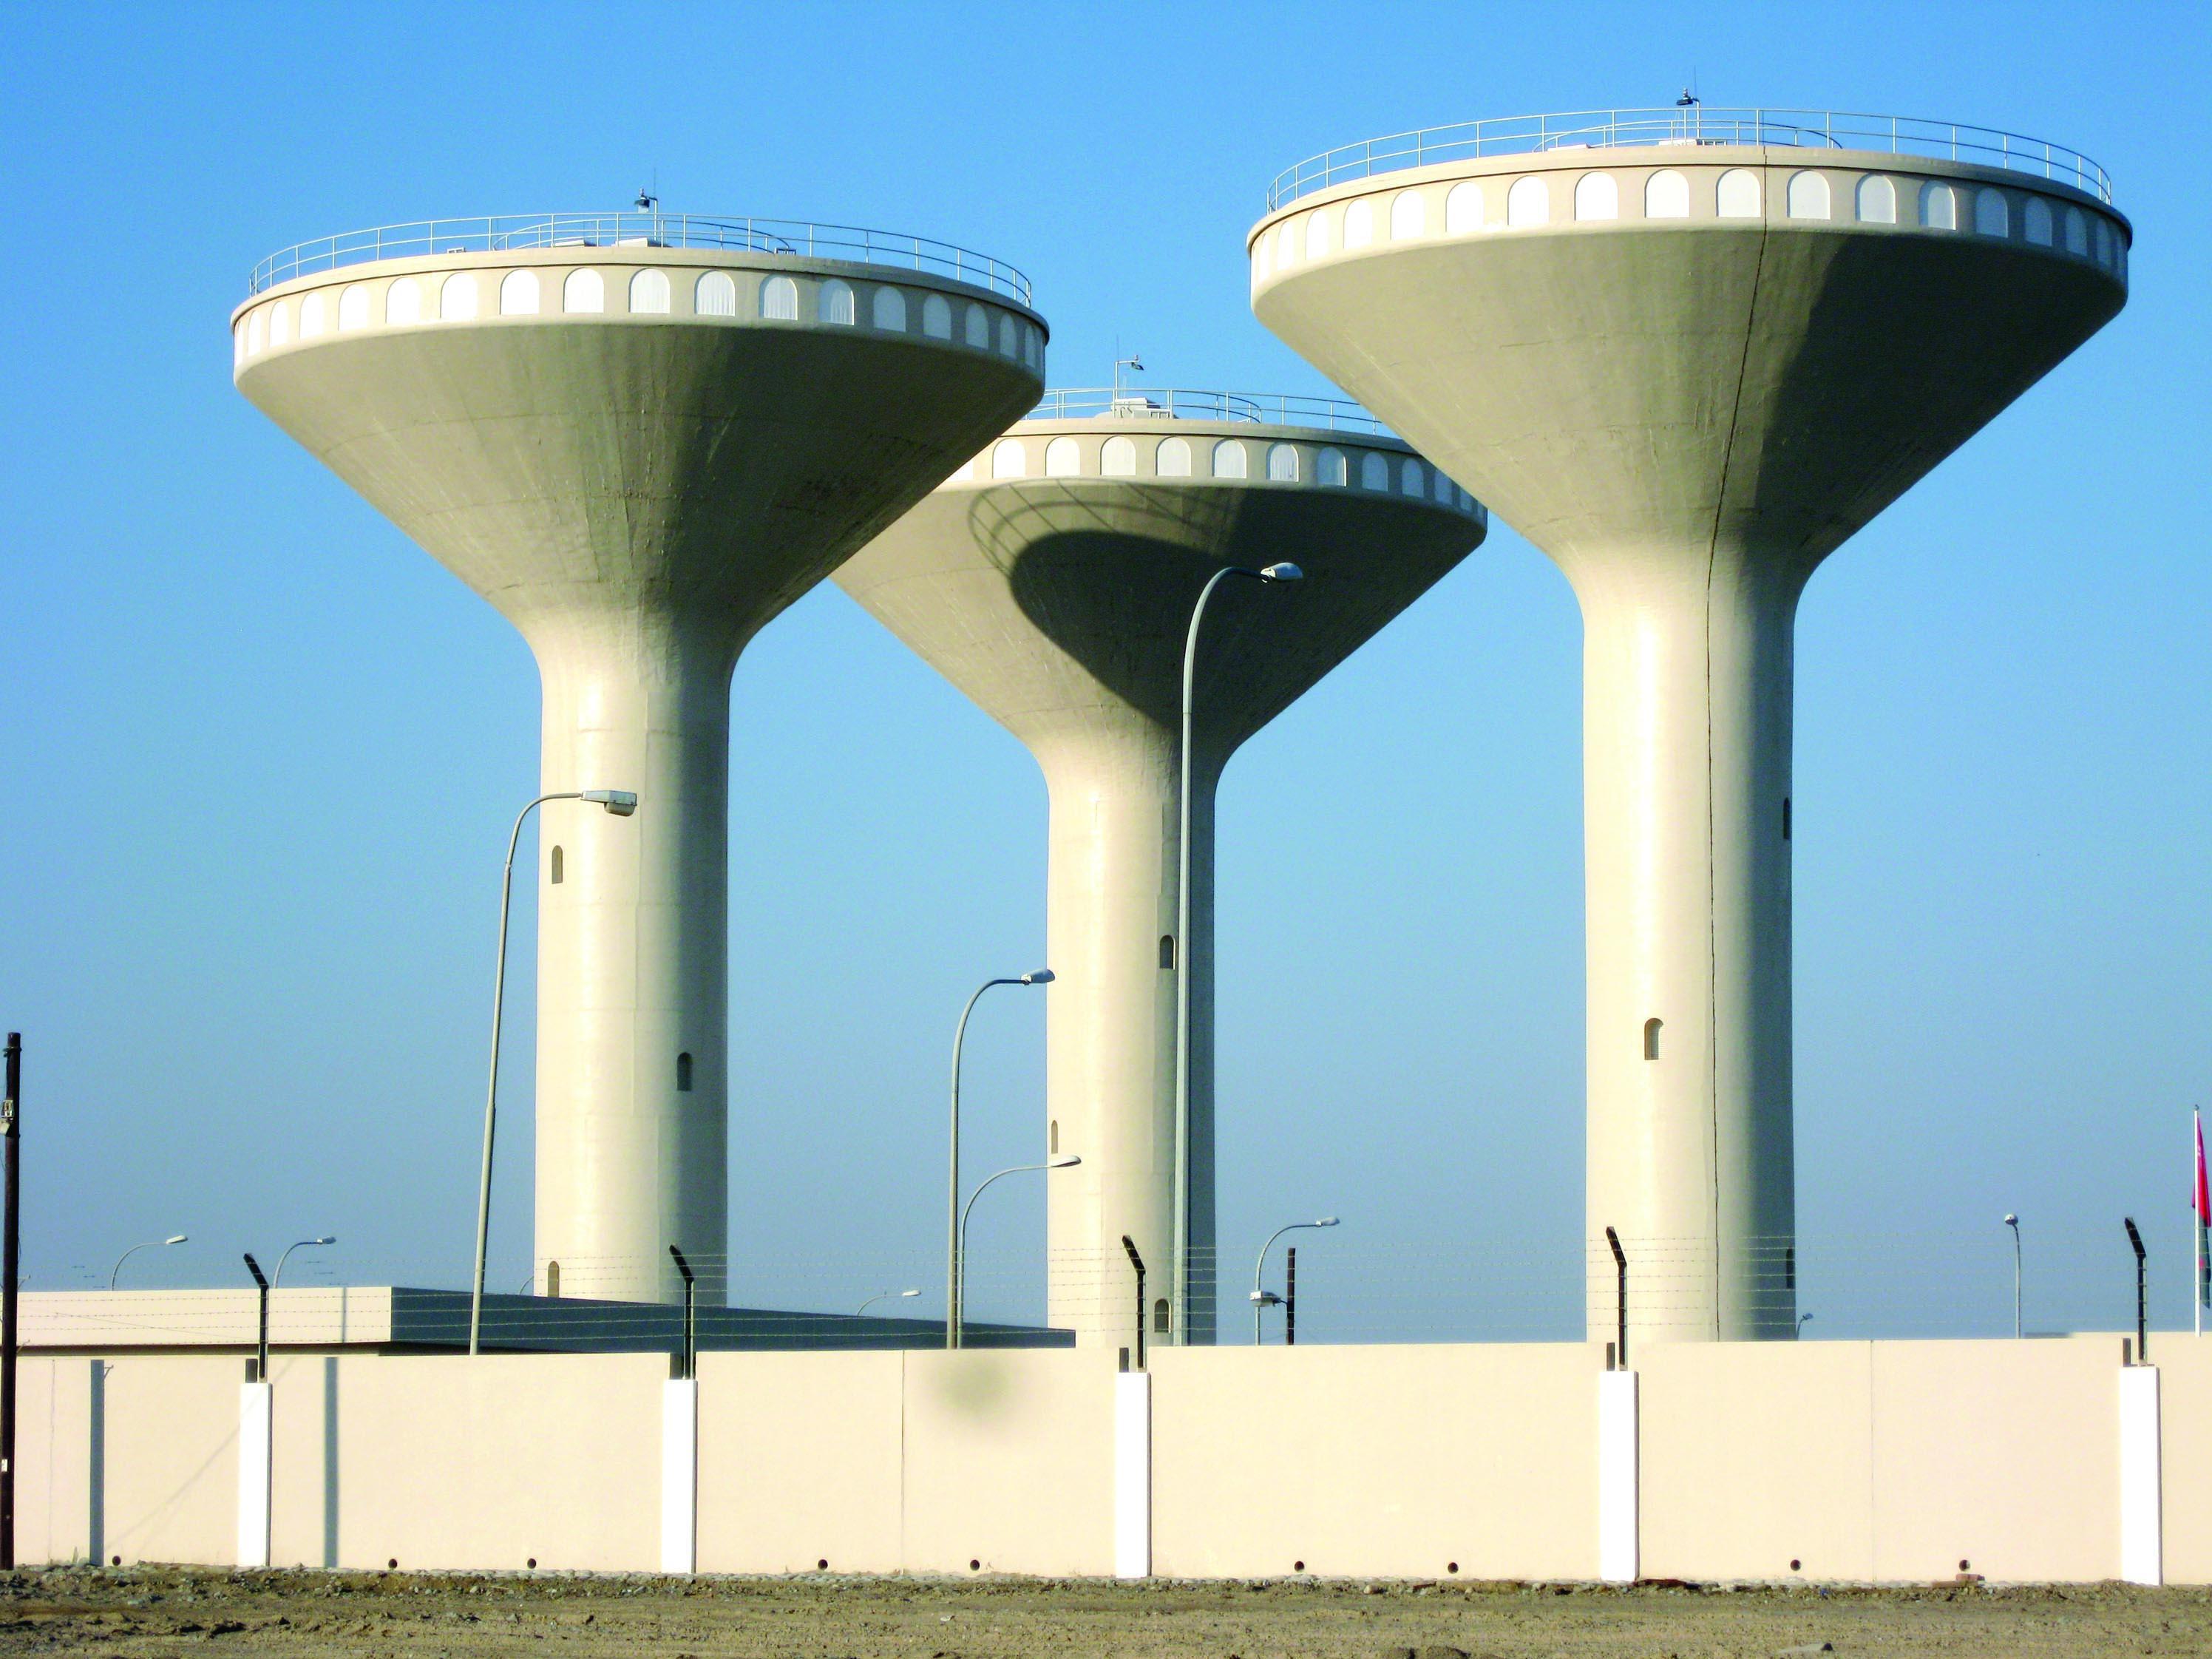 ديم تطرح عددا من المناقصات لمشاريع جديدة في قطاع المياه